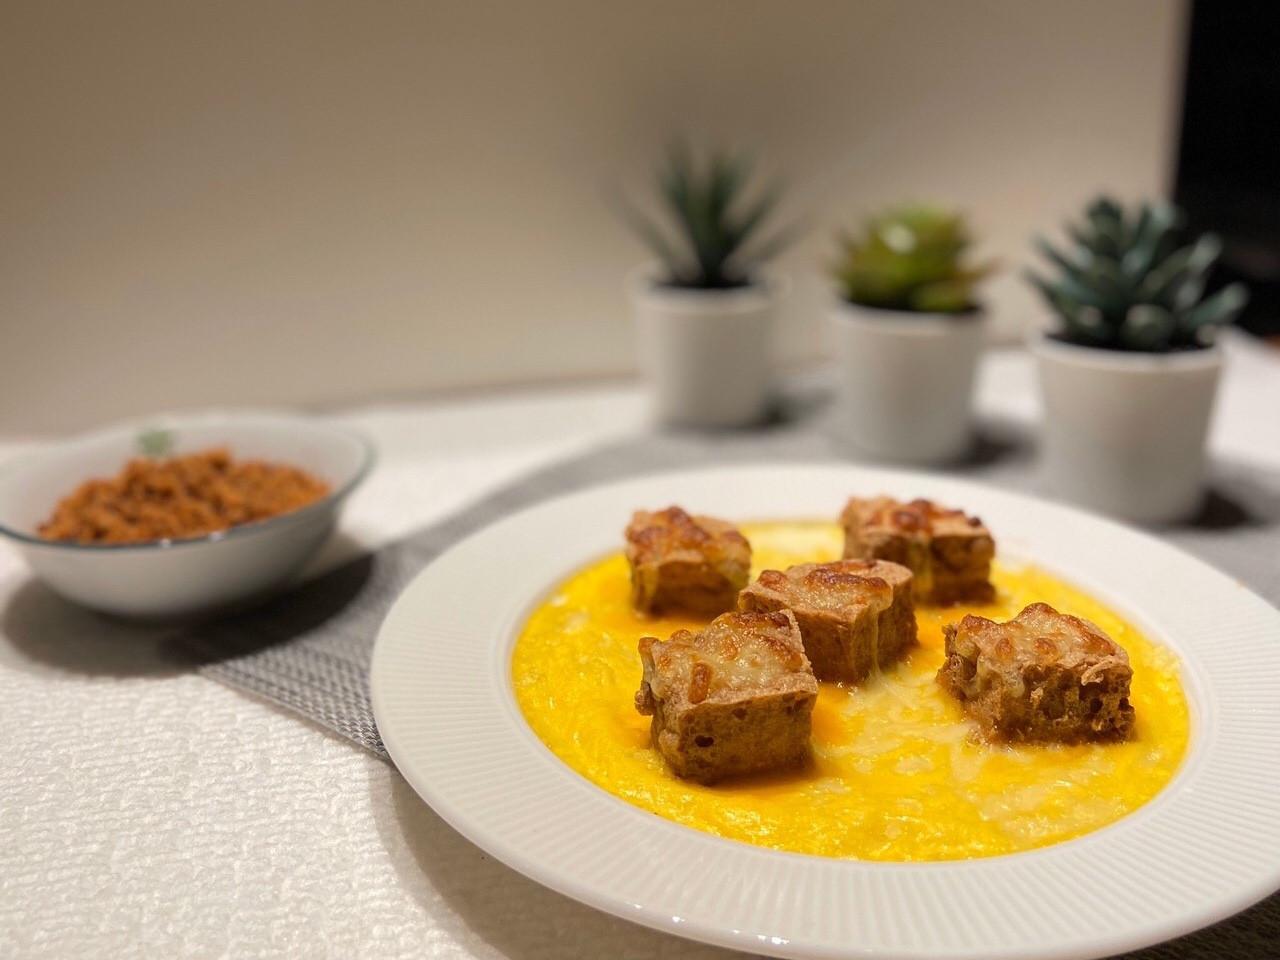 【低成本懶人料理】黃金流沙起司蛋臭豆腐